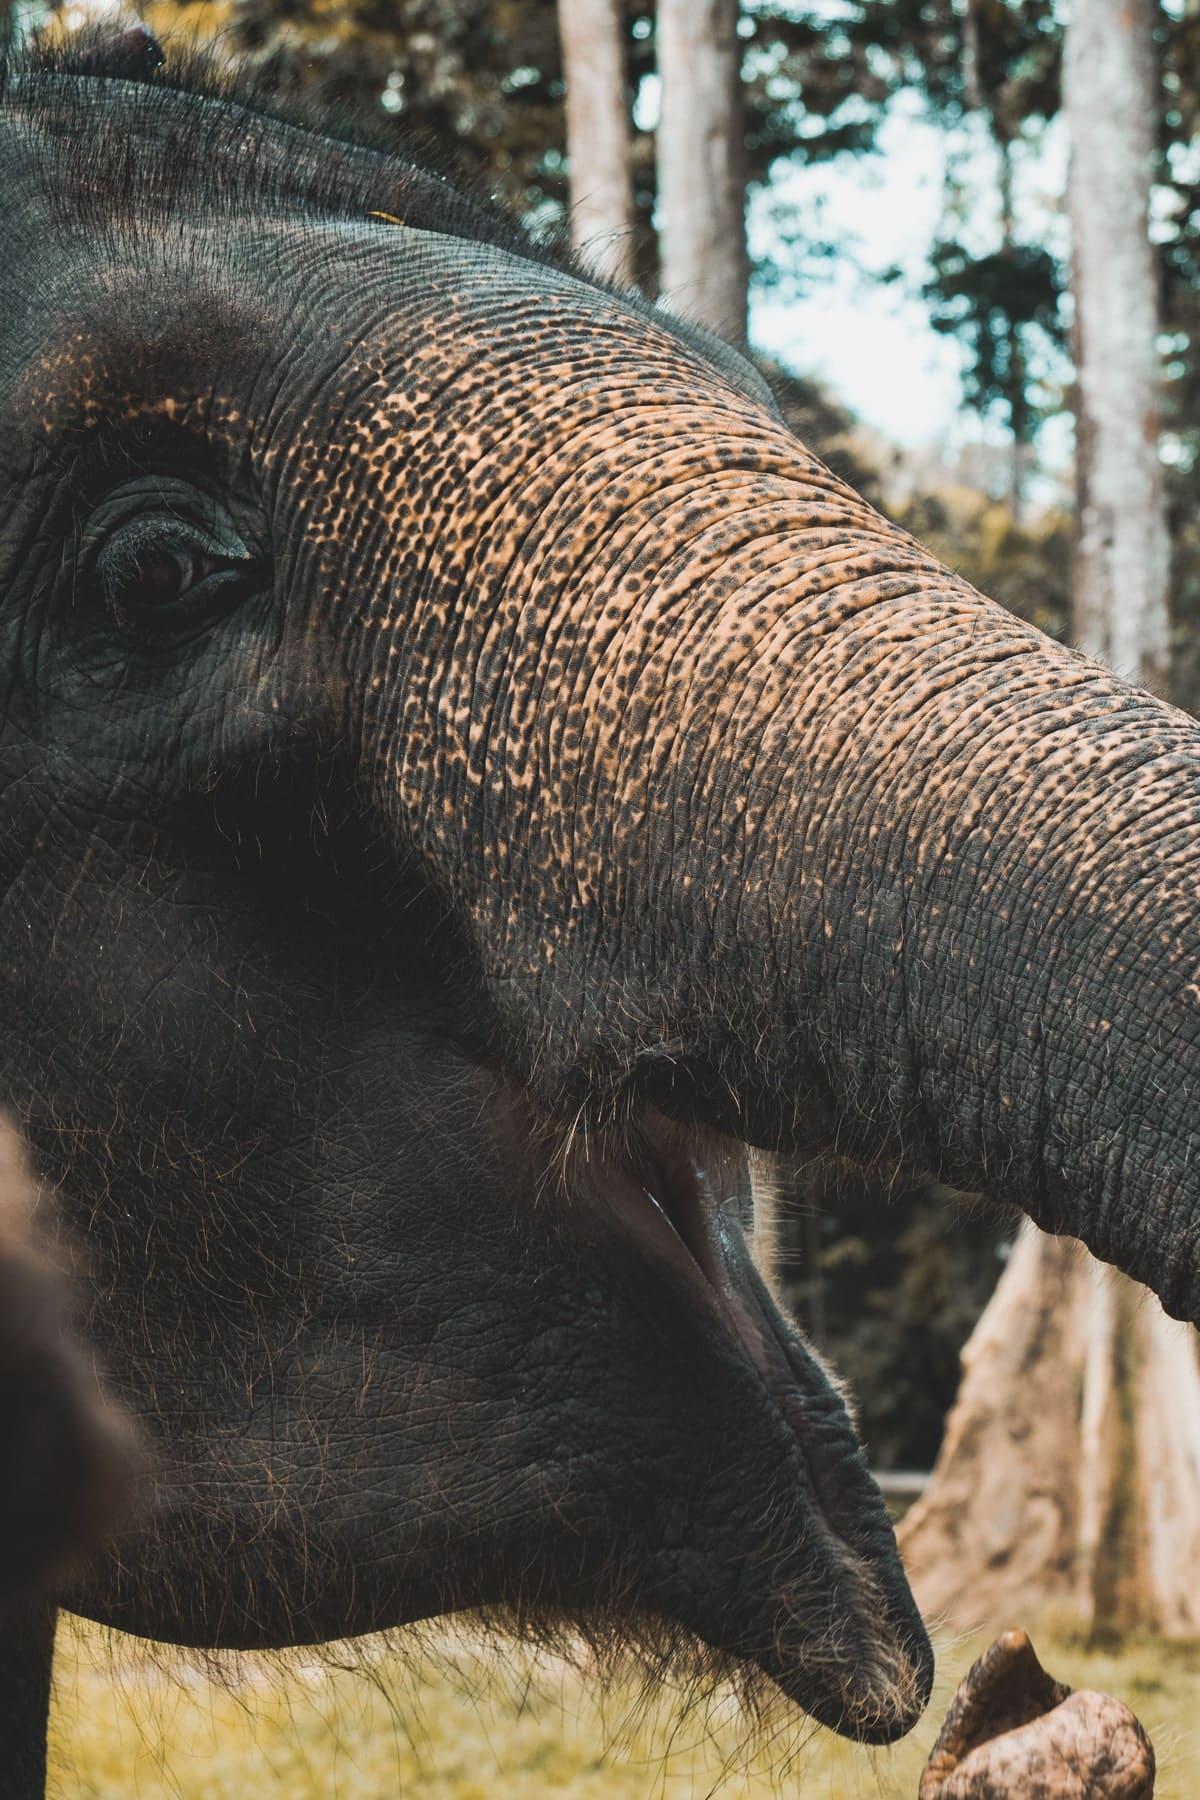 Malaysia Reisetipps - Kuala Gandah National Elephant Conservation Center